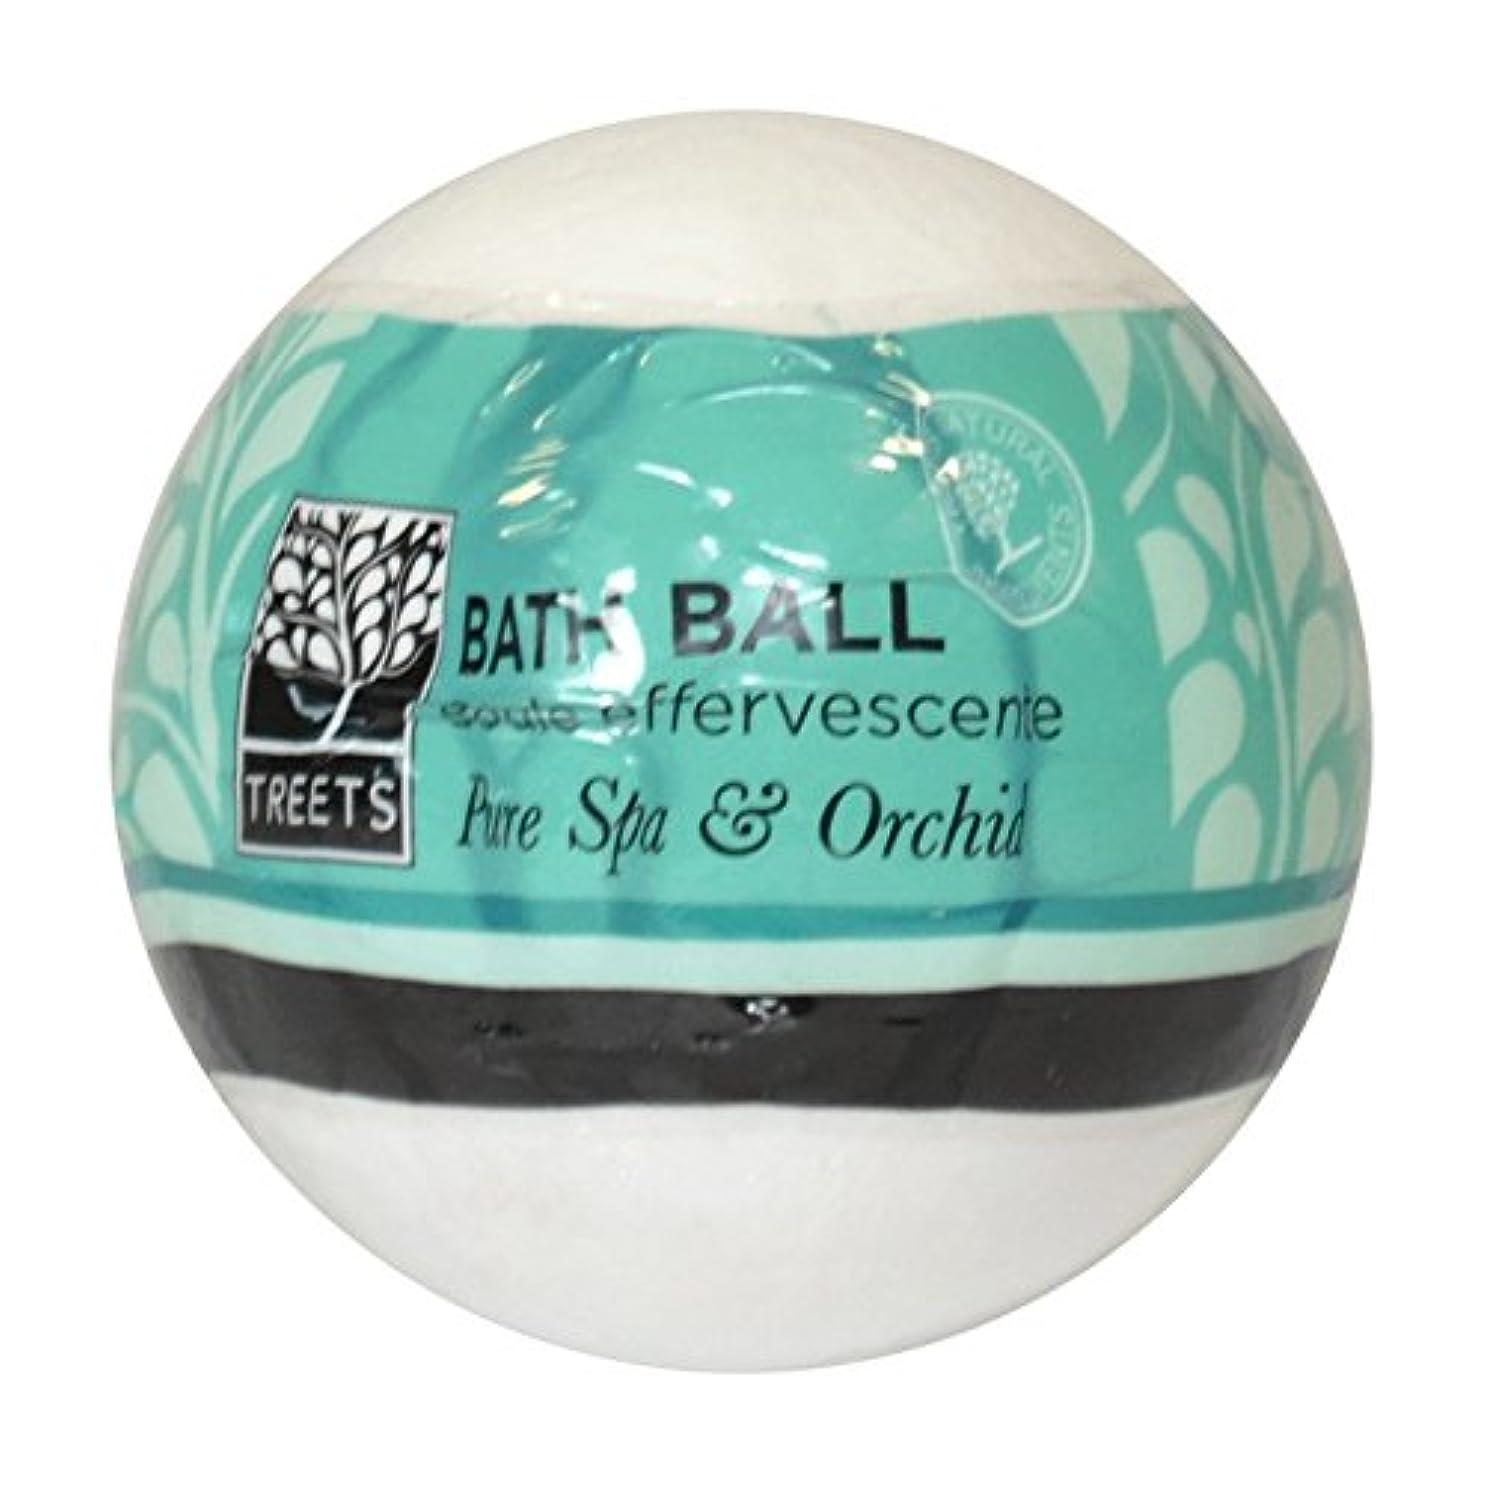 規制教科書監督するTreets Orchid & Pure Spa Bath Ball (Pack of 6) - Treets蘭&純粋なスパバスボール (x6) [並行輸入品]